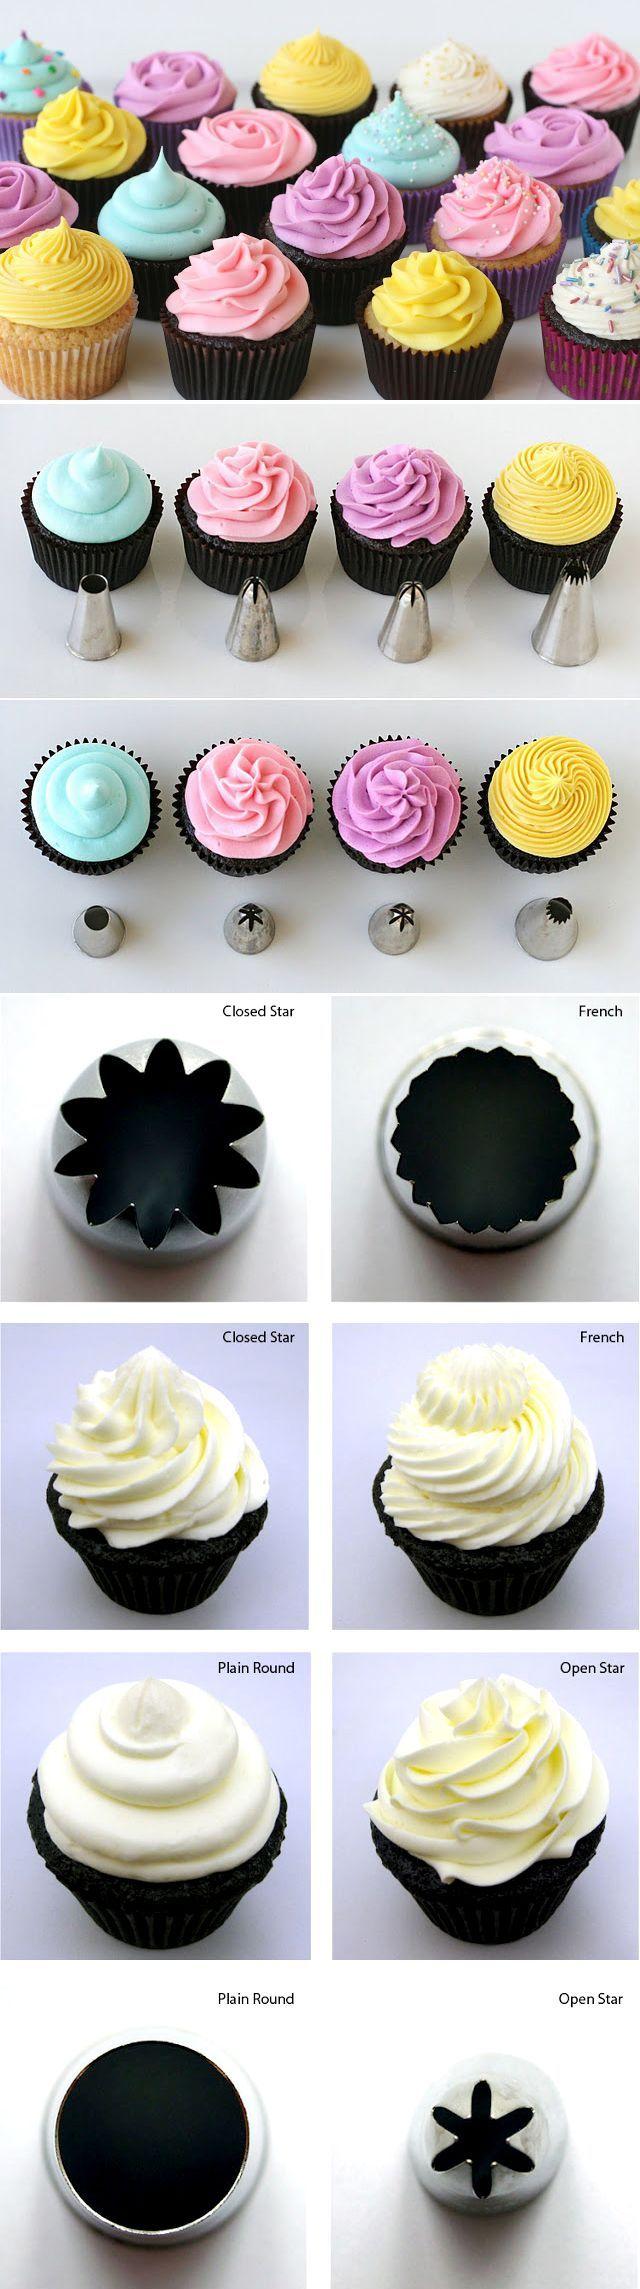 Wilton Cupcake Piping Tips